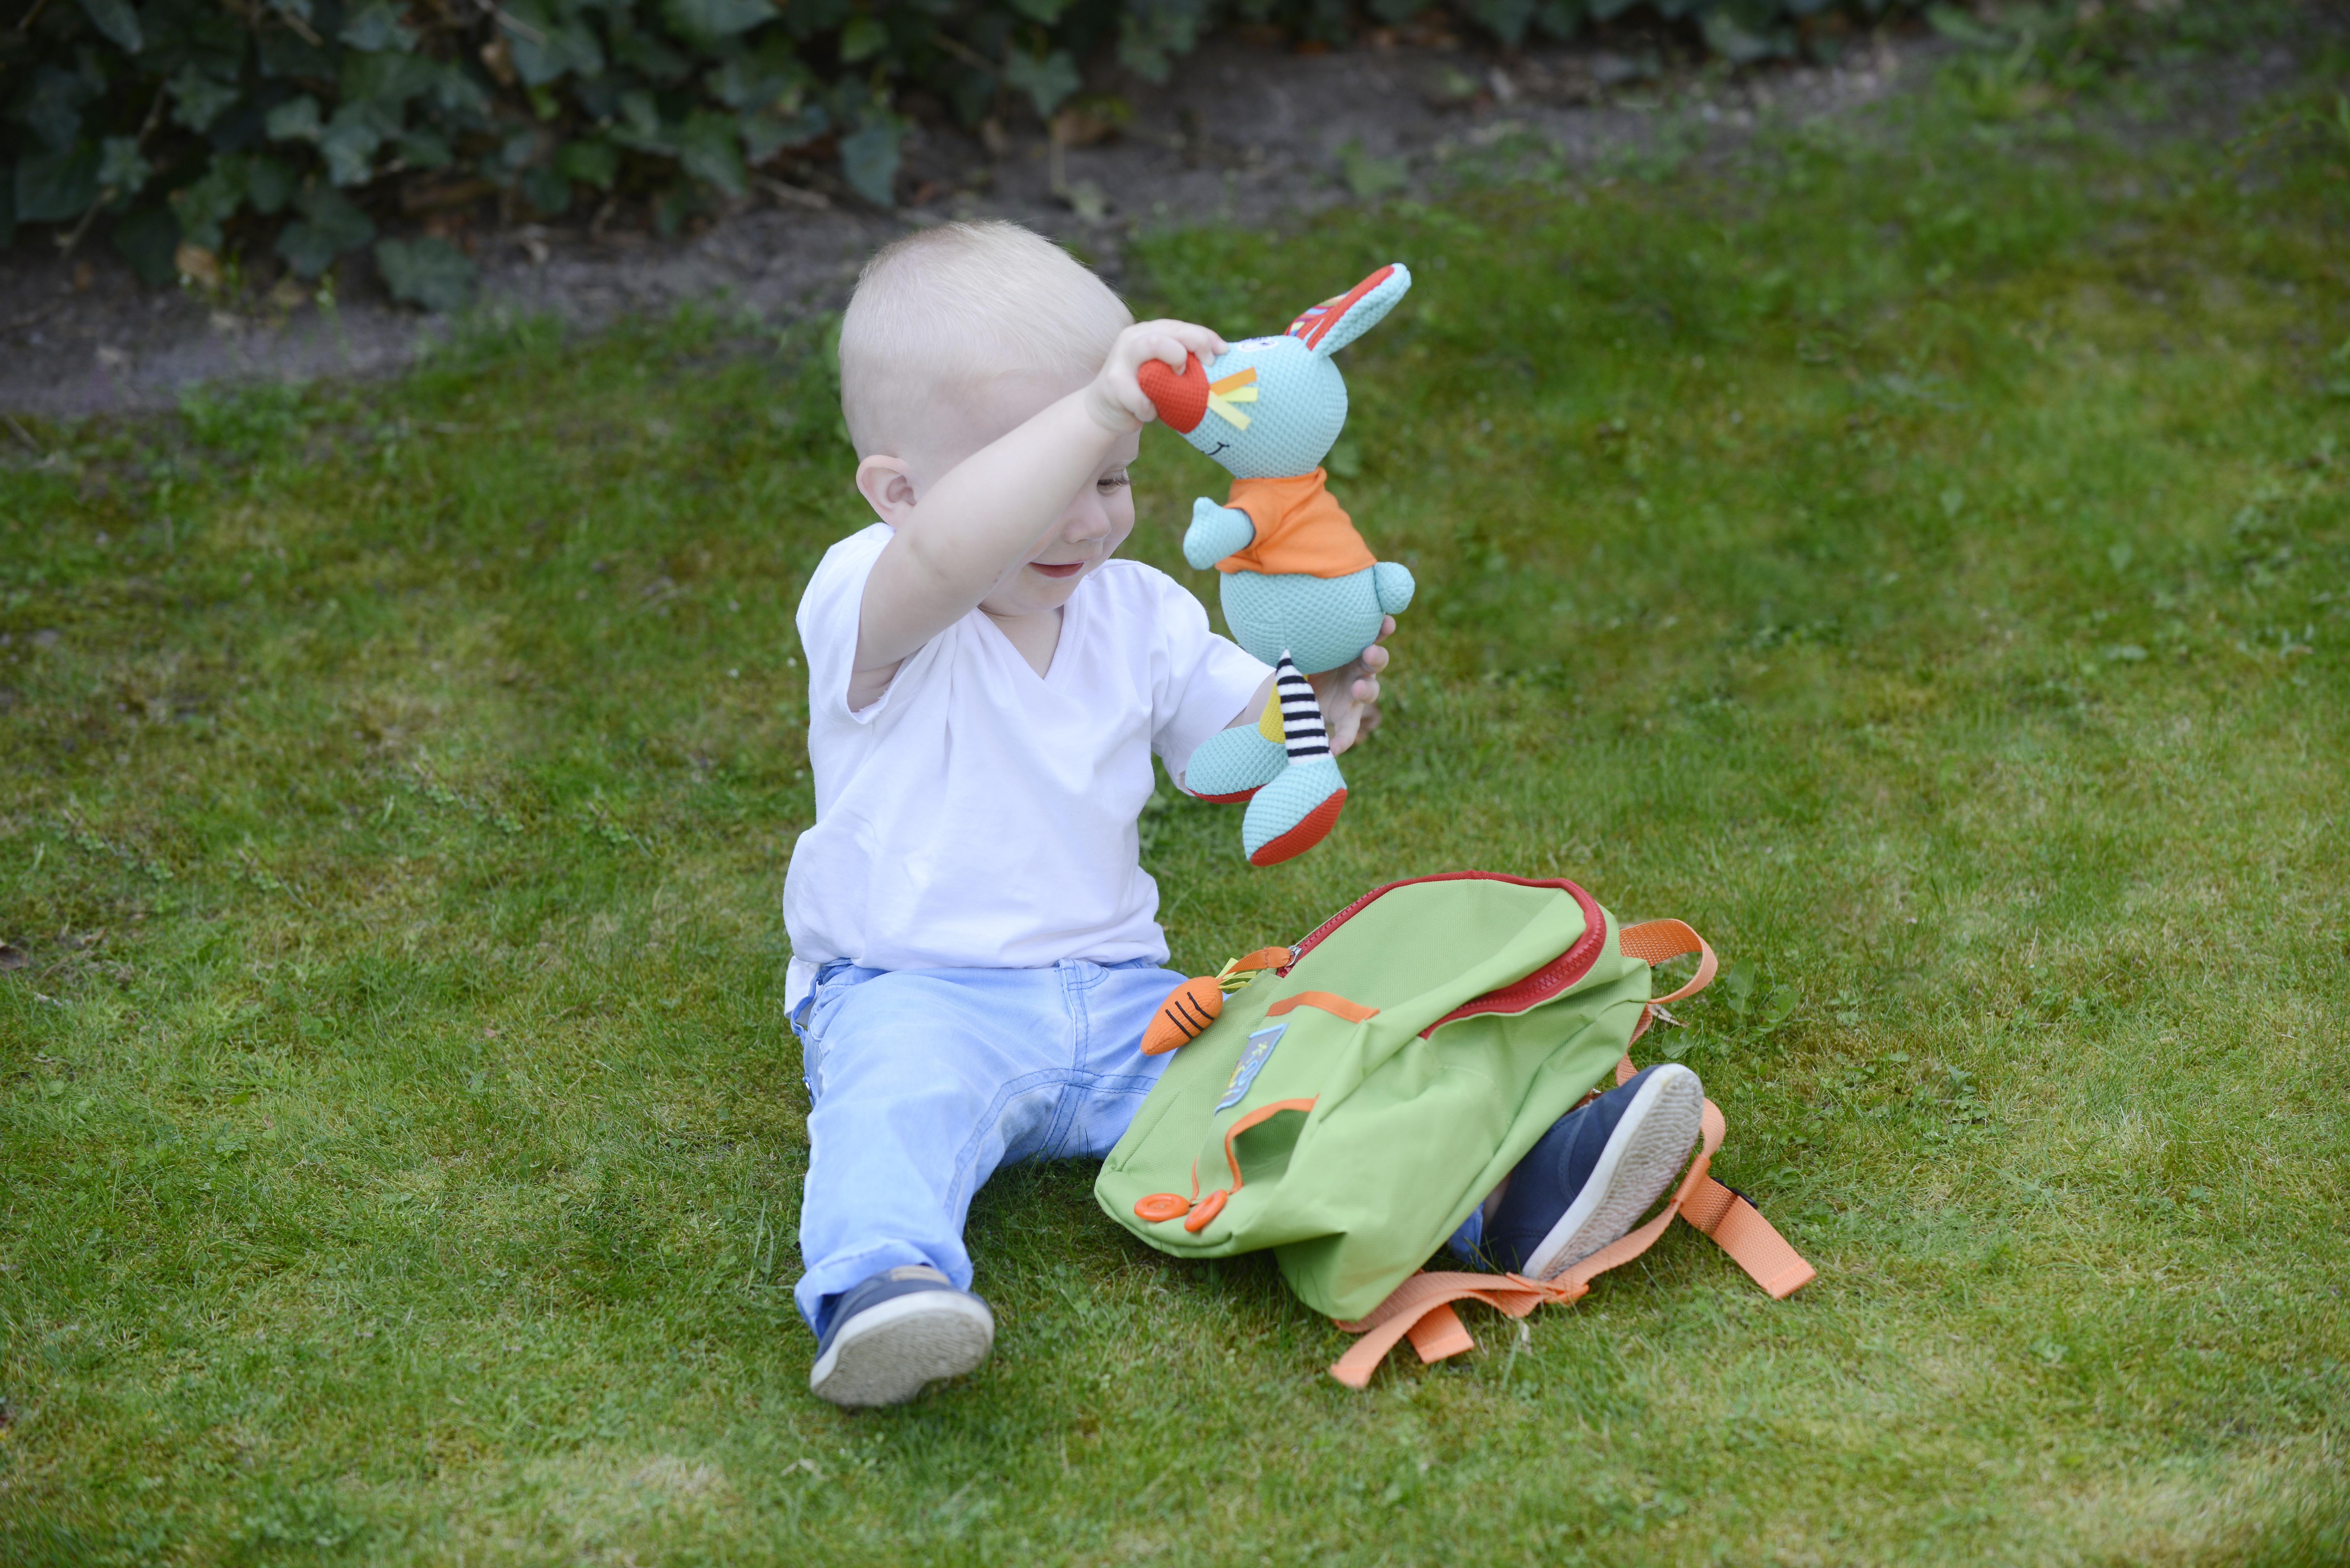 Rucsac pentru copii, cu jucărie senzorială iepuraș 2